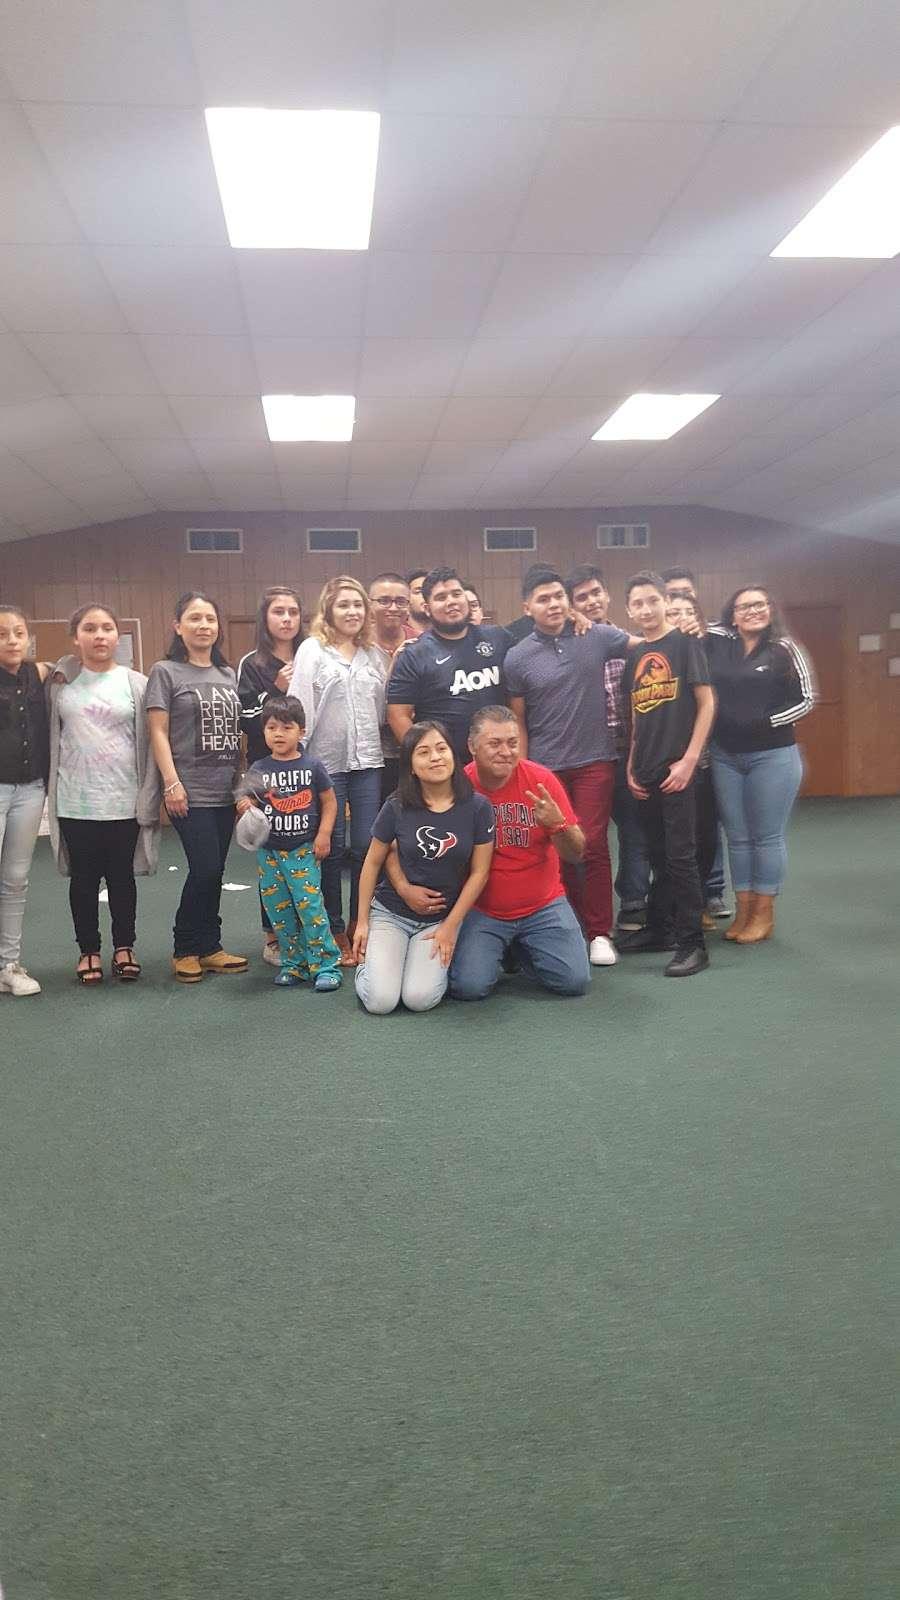 Suburban Wood Baptist Church - church  | Photo 9 of 9 | Address: 6511 Eddie Dr, Humble, TX 77396, USA | Phone: (281) 441-3959